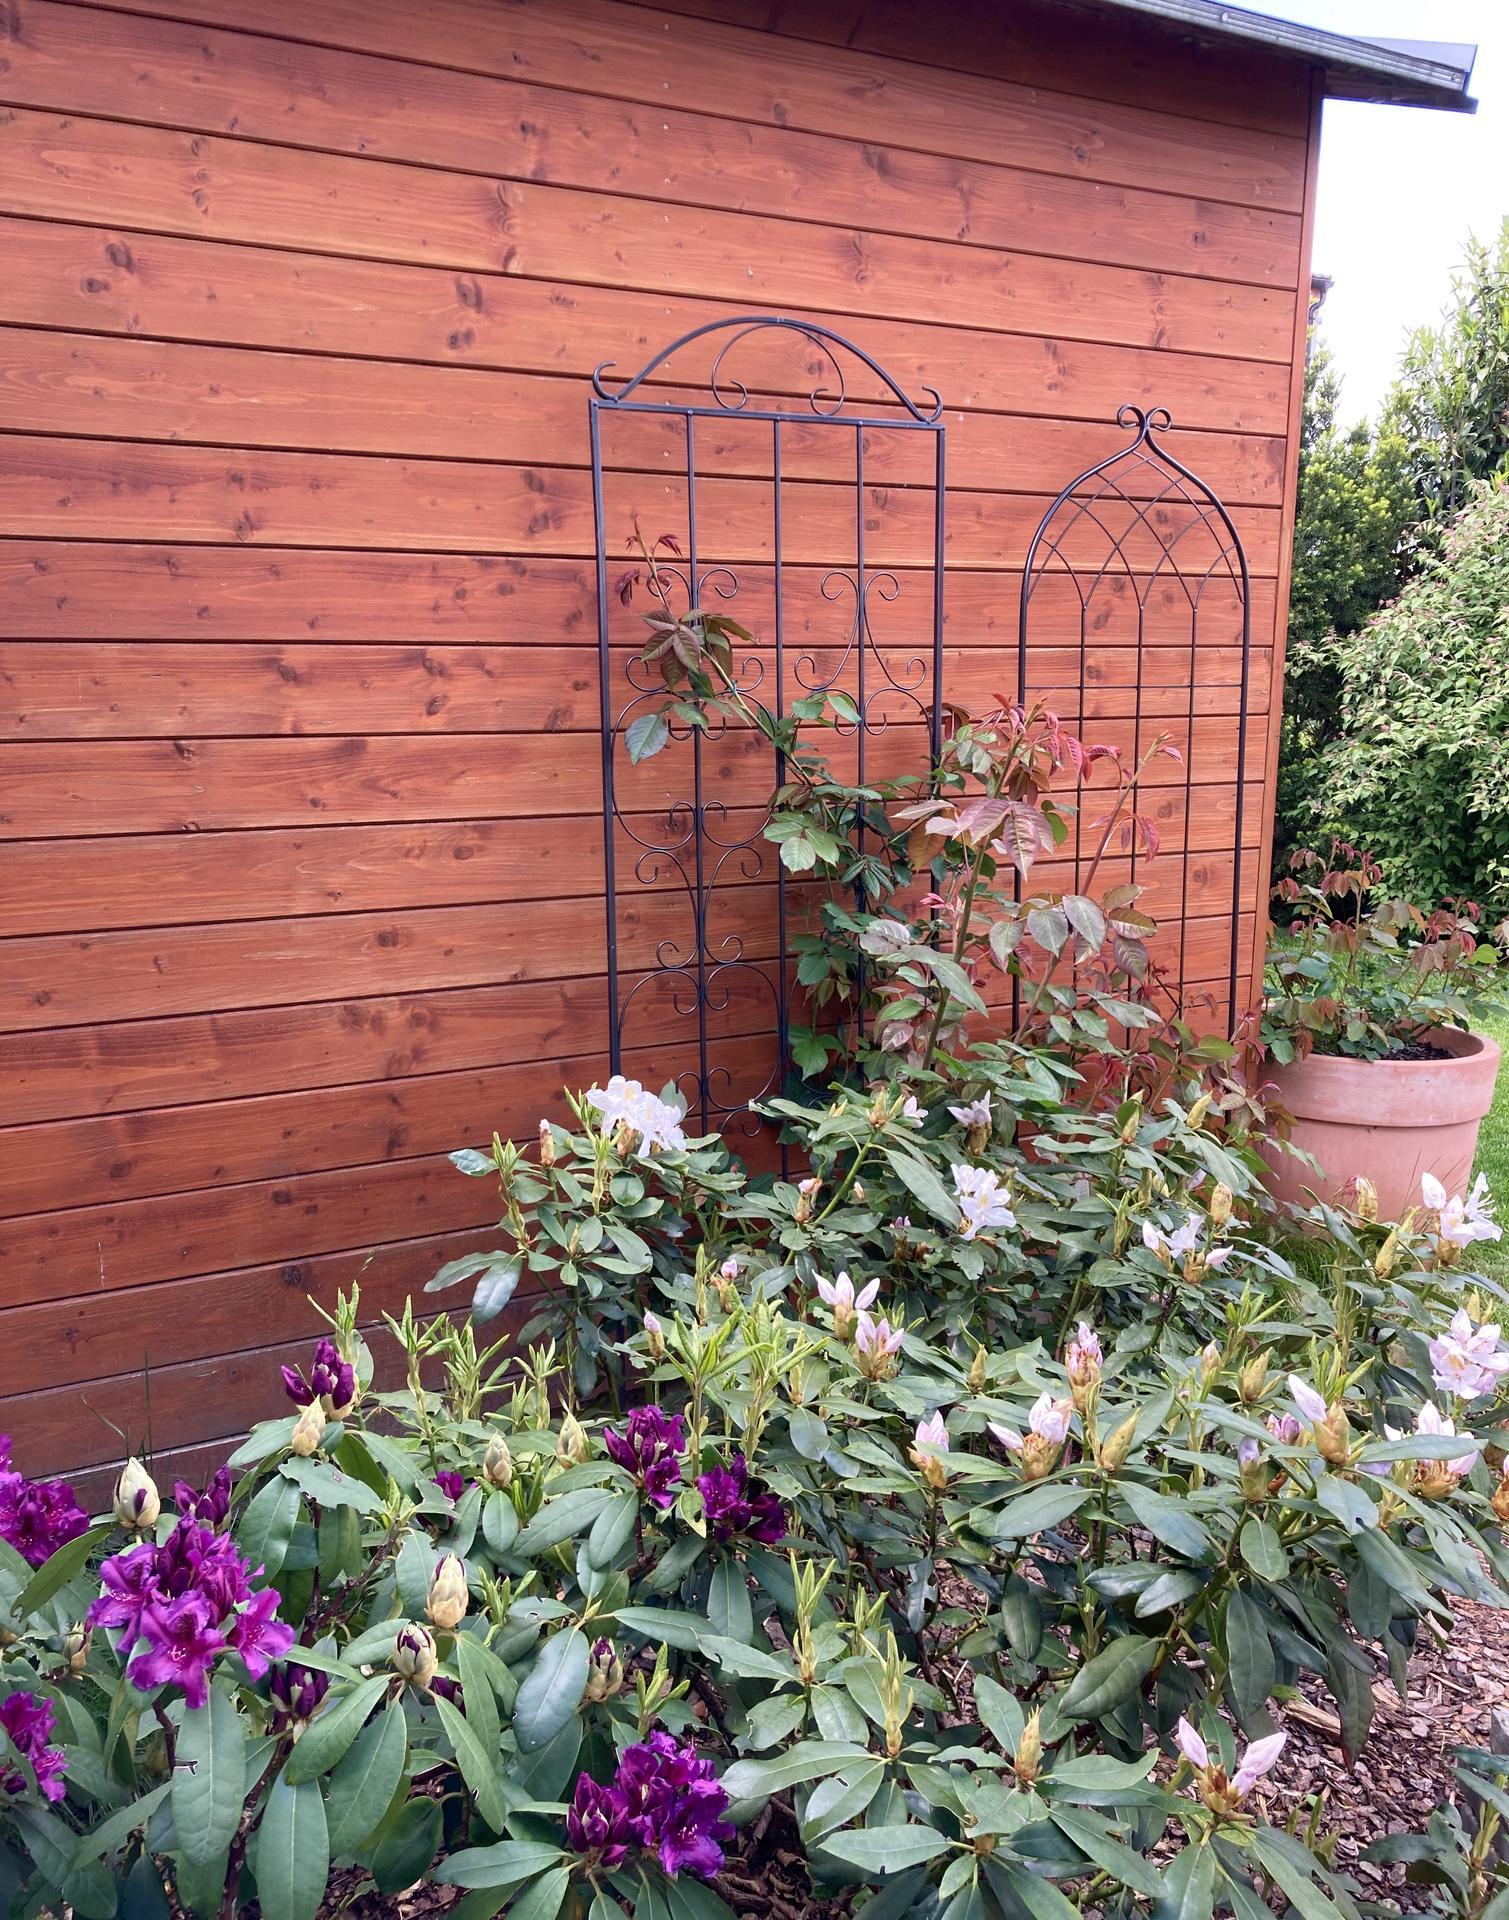 Zahrada 2021 - Nova opora pro Shropshire Lad- bohuzel koupit stejnou se mi nedarilo uz pul roku, tak jsem nad tim zlomila hul a je holt proste trochu jina a mensi...